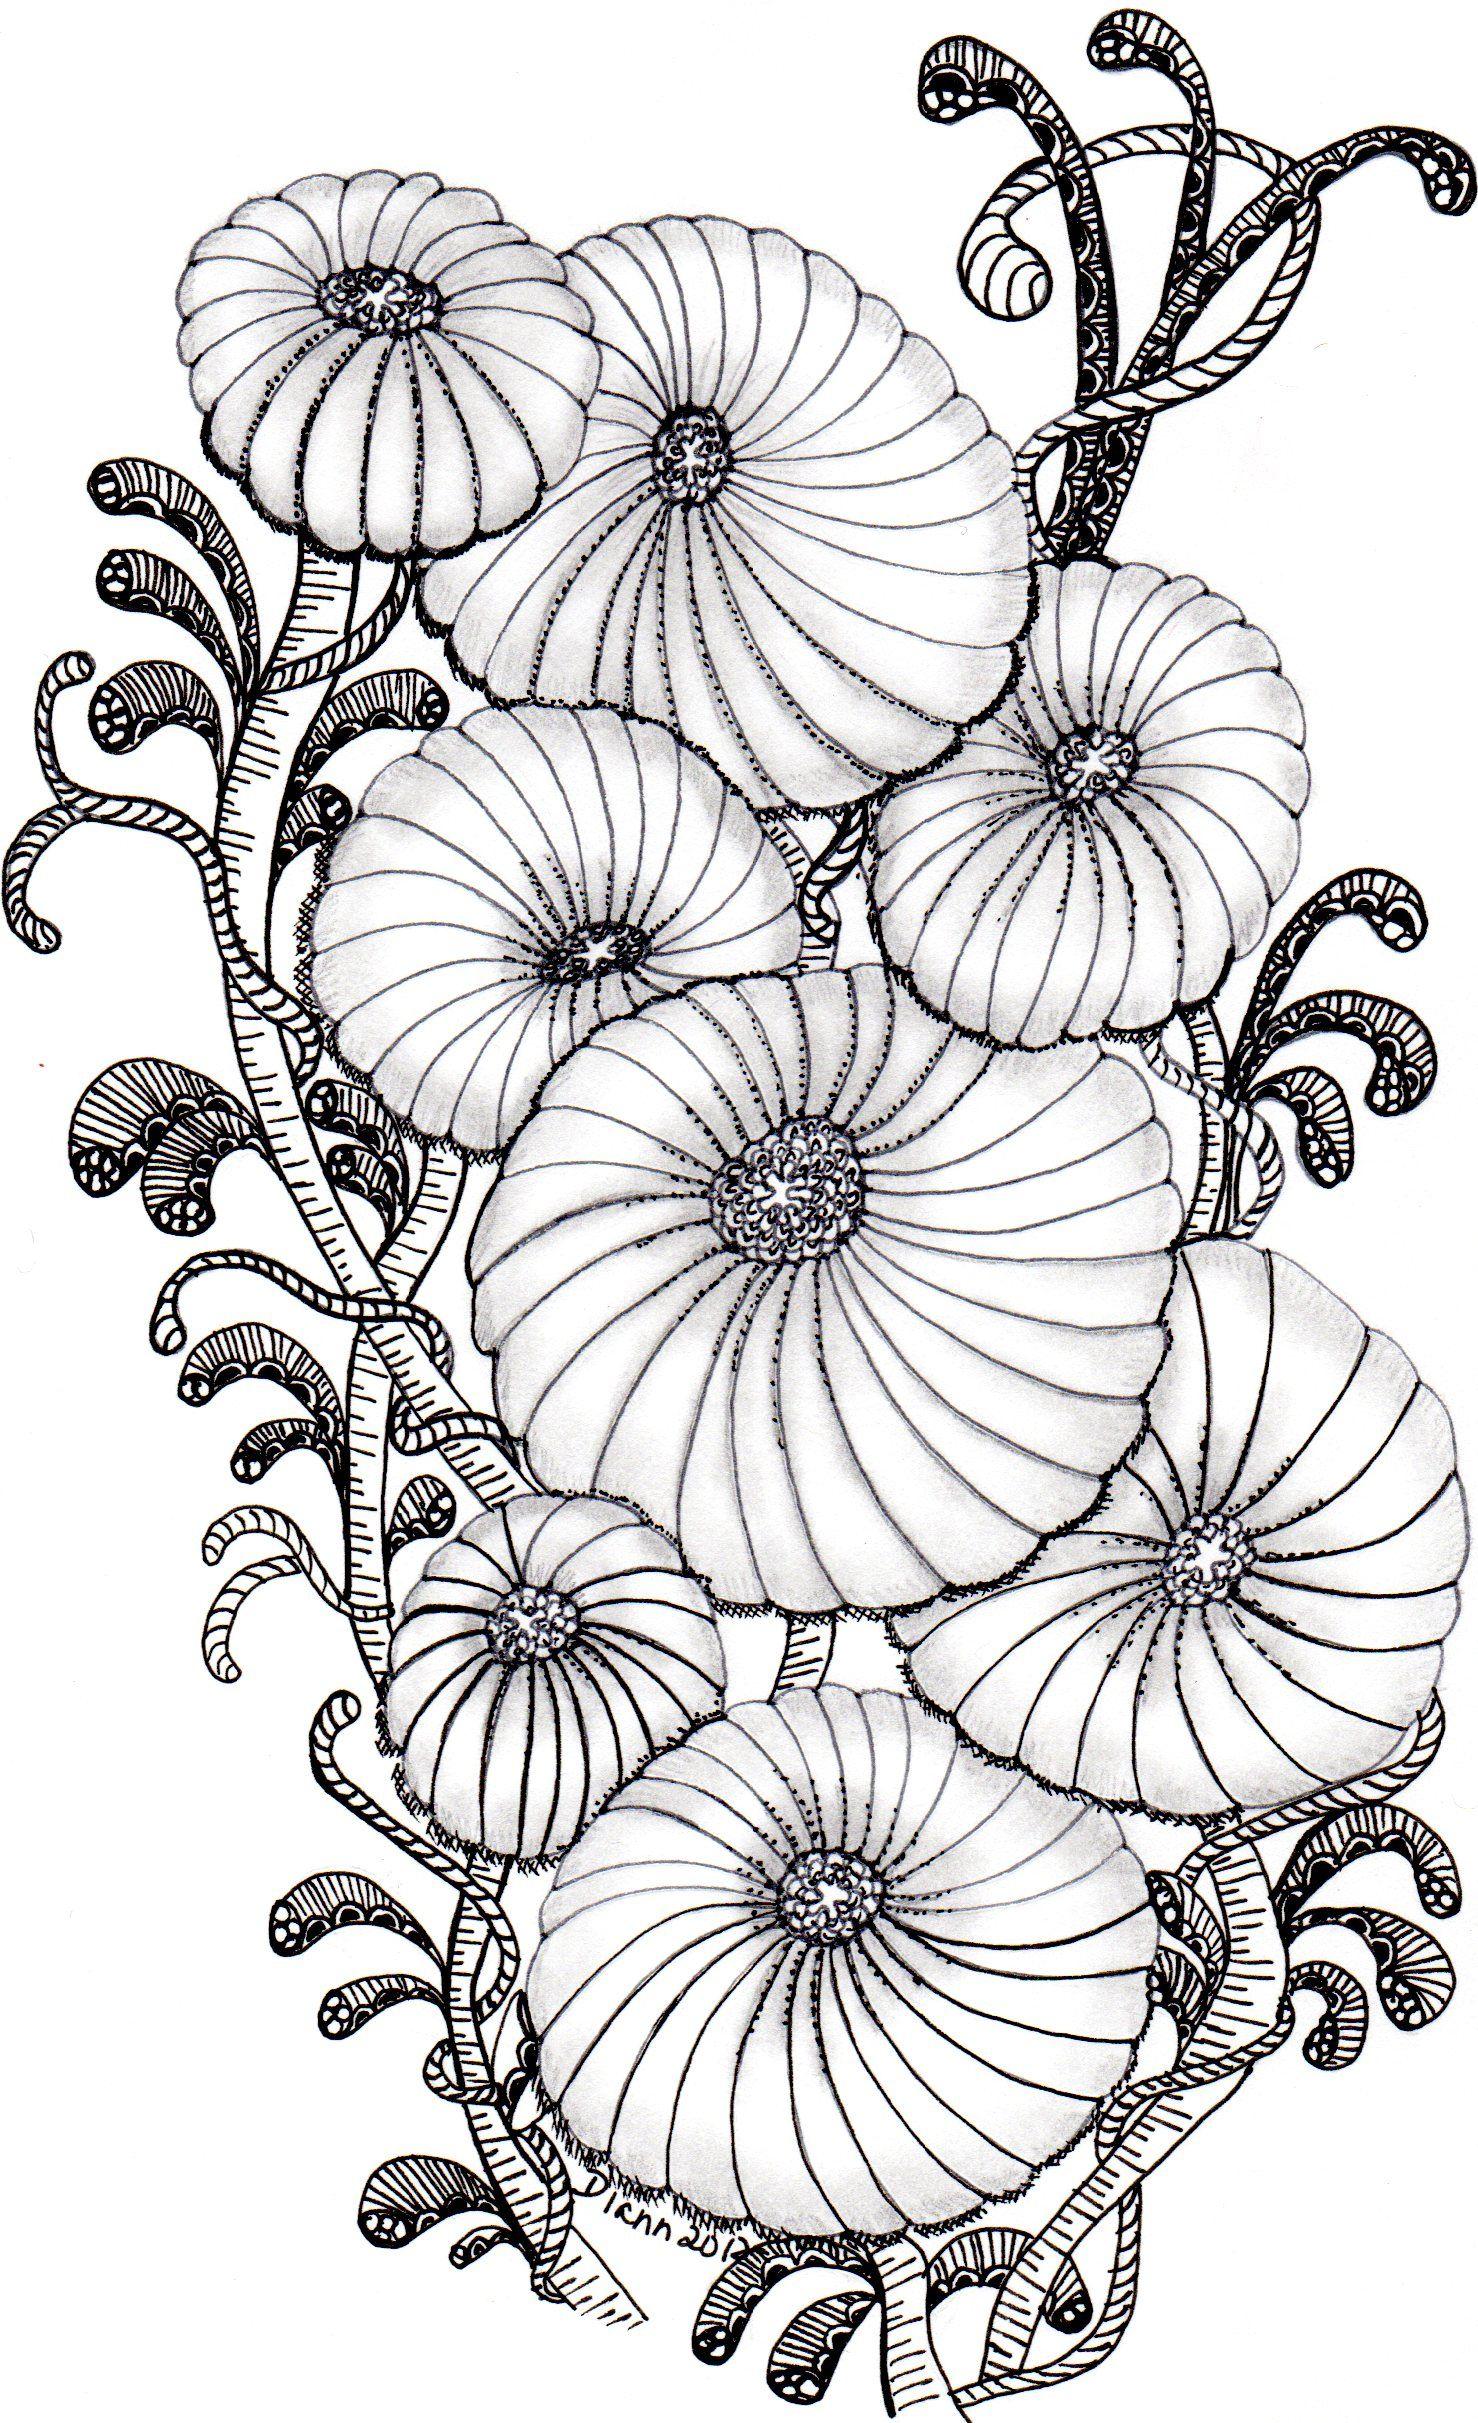 Coloriage de fleurs pour adultes. A vos crayons !   Adult Coloring ...